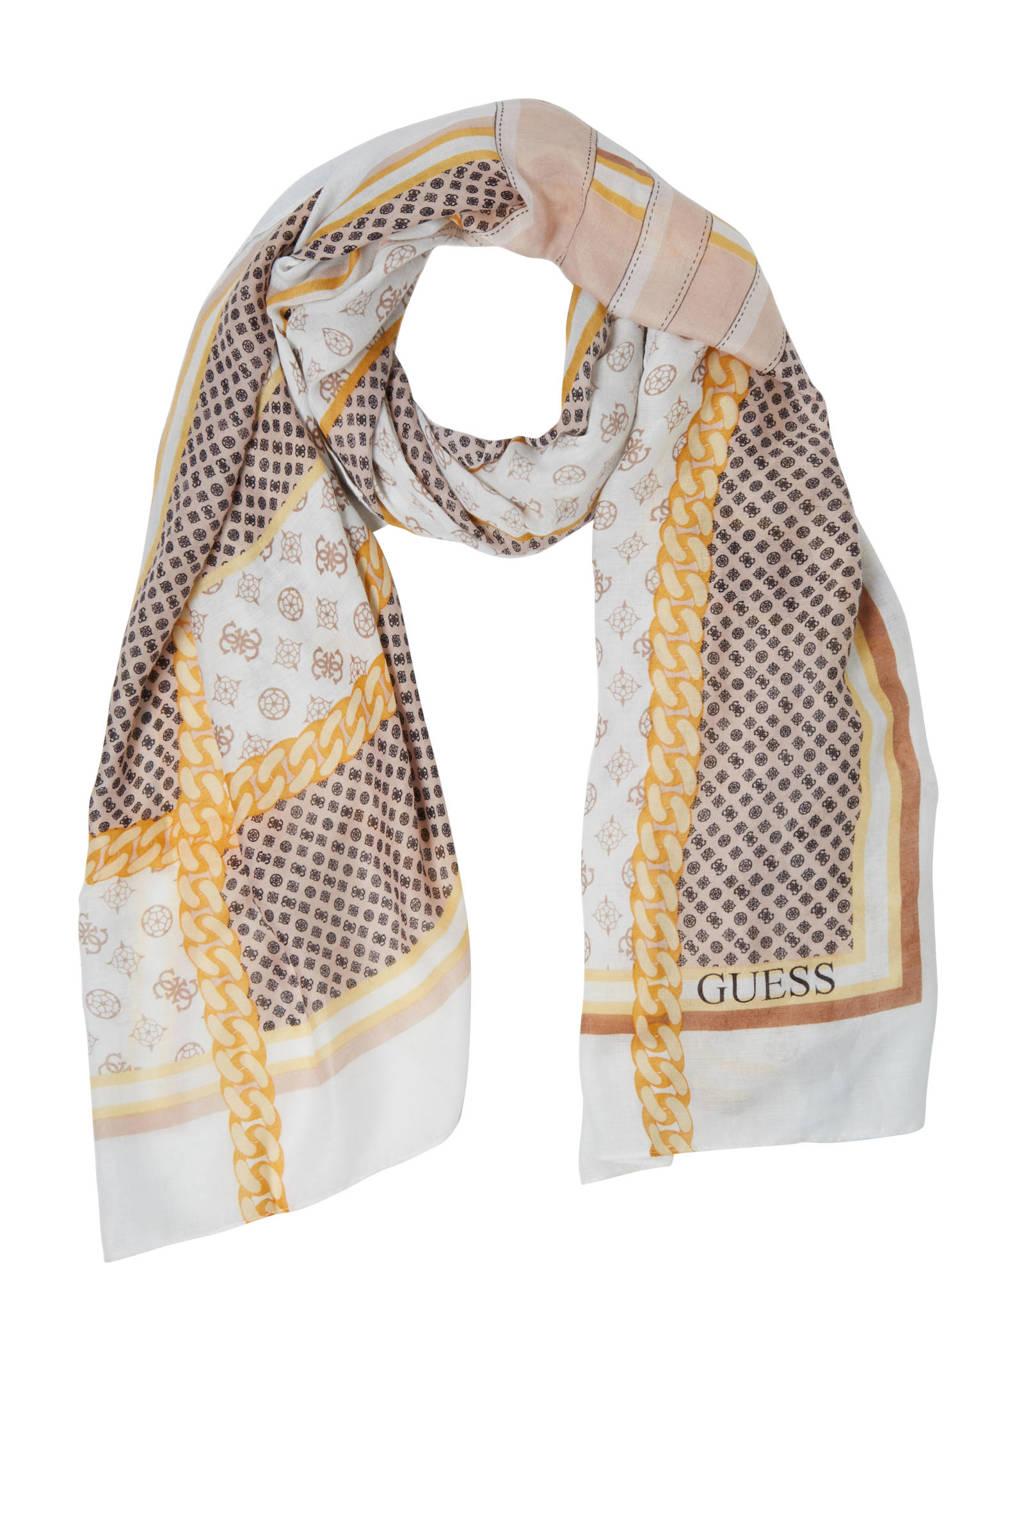 GUESS sjaal Blane wit/beige, Wit/beige